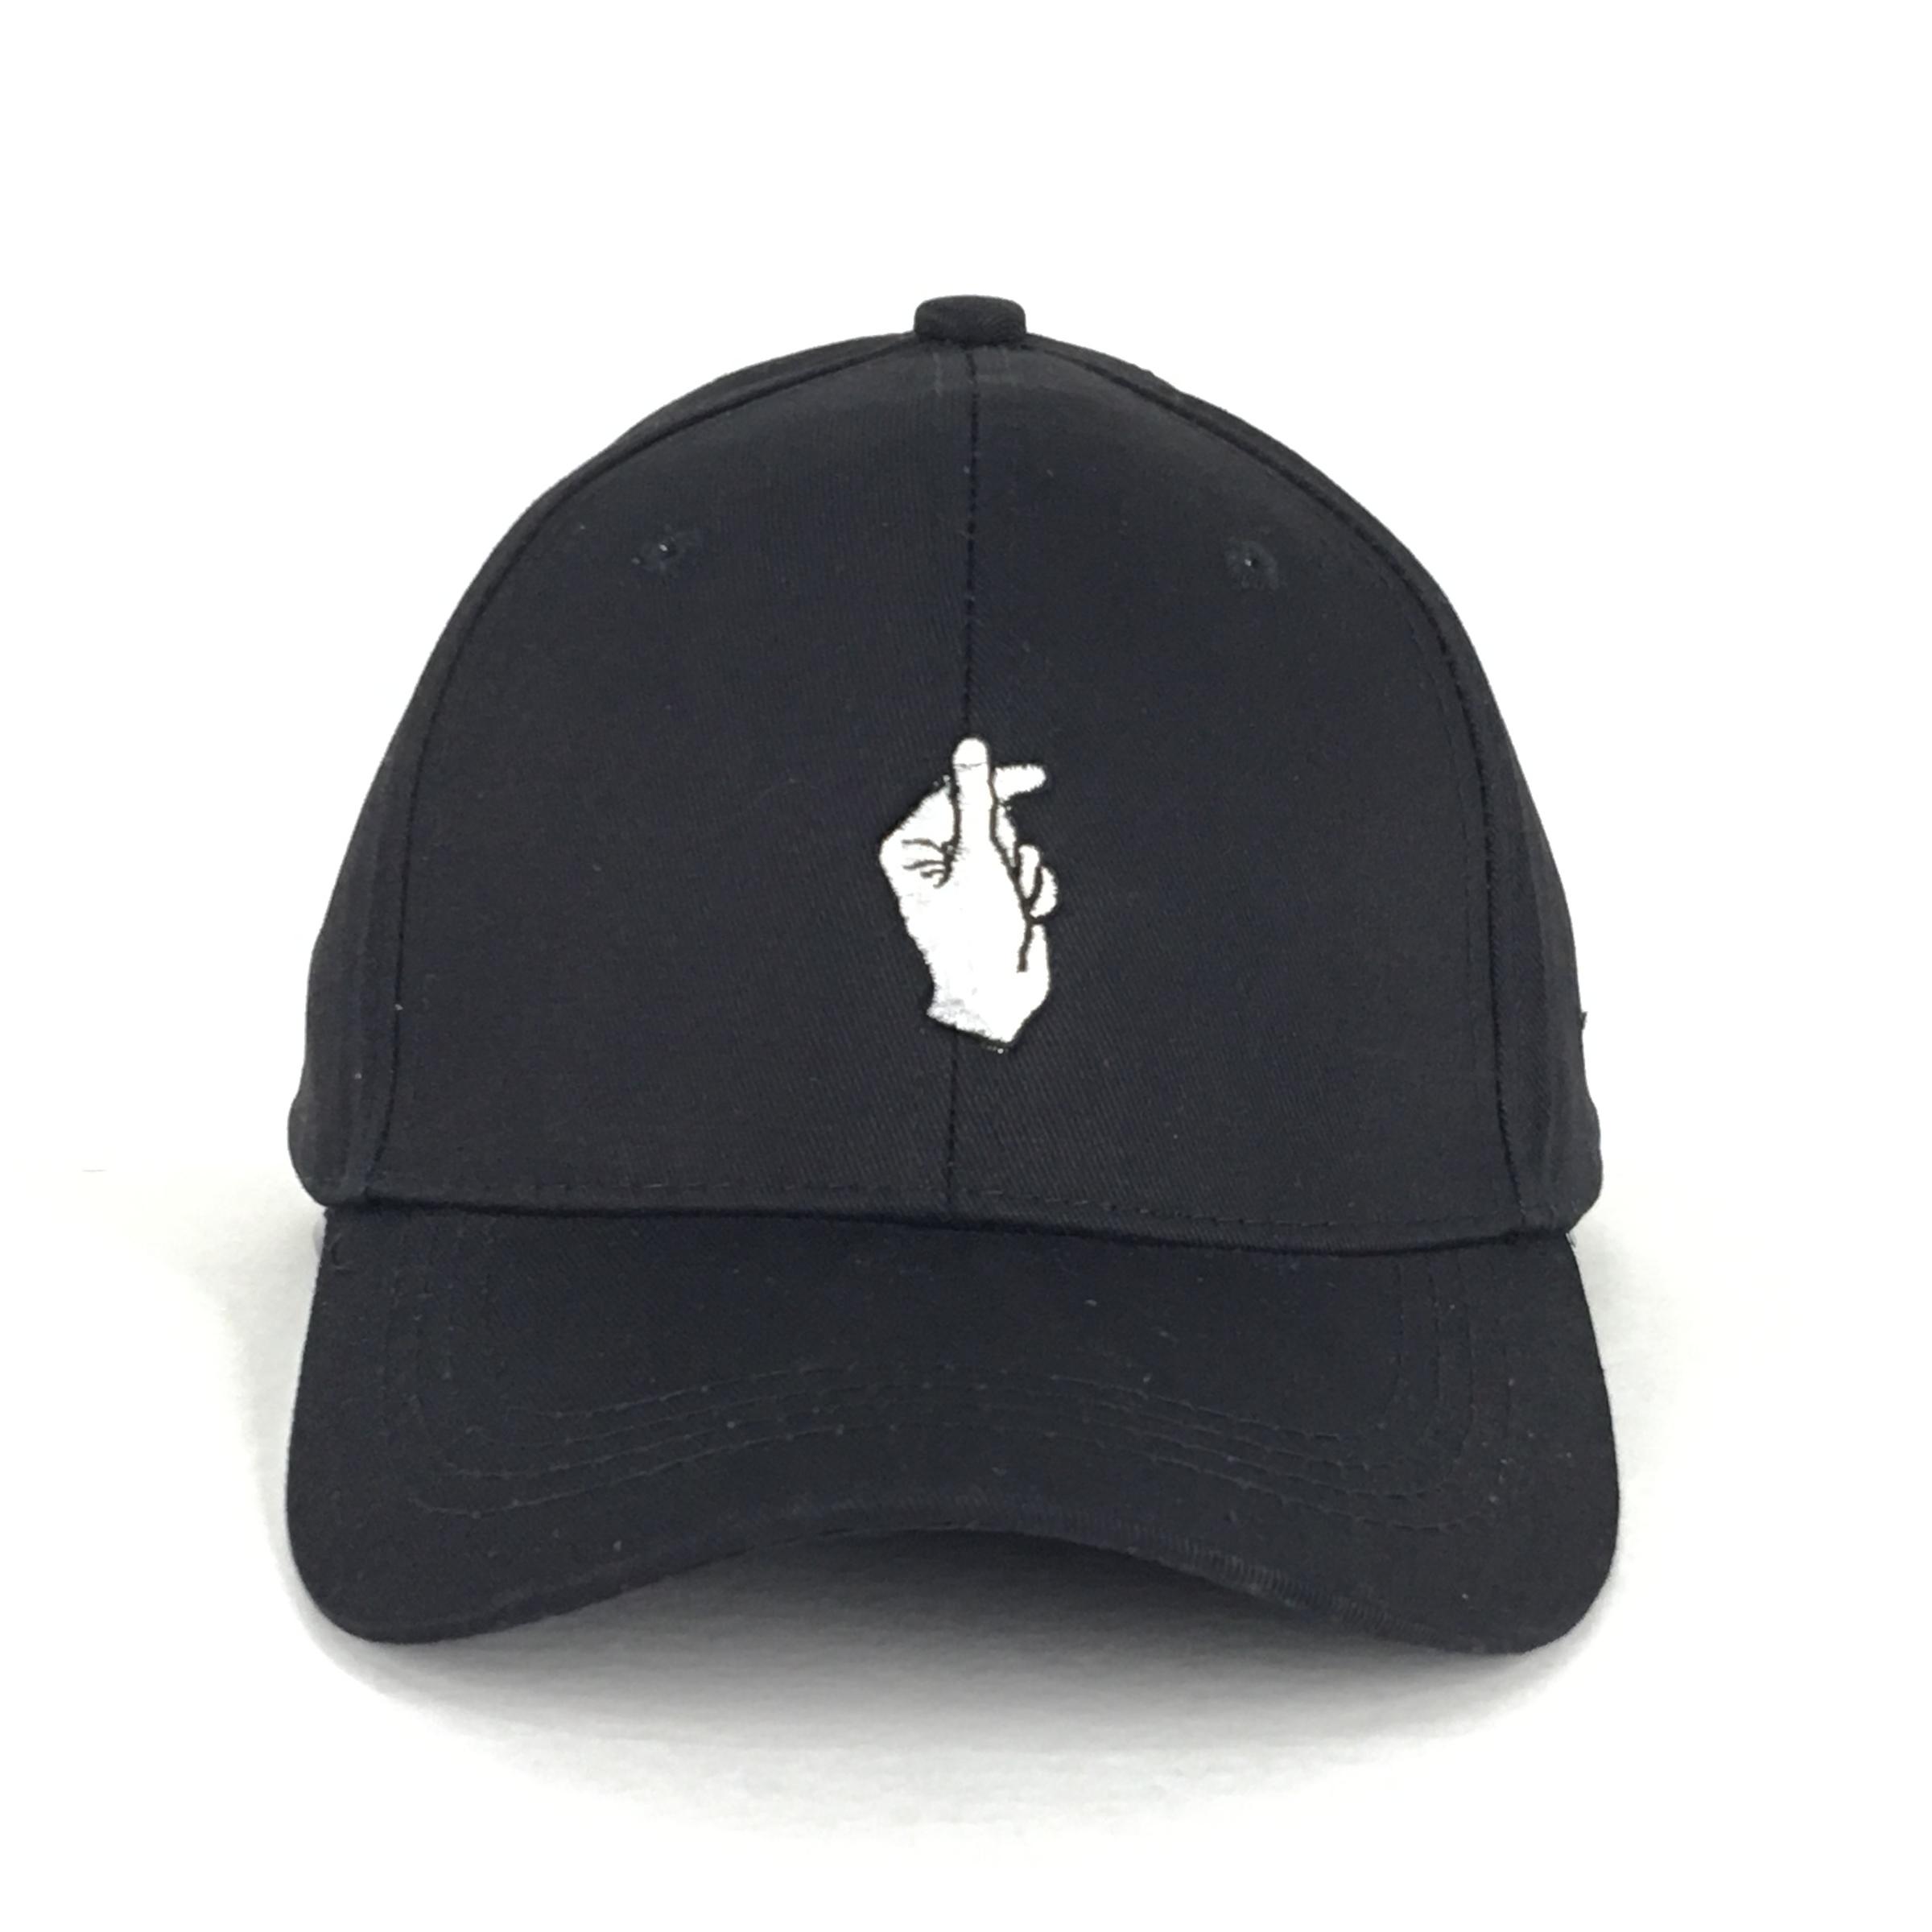 44eb1a63ab5 Avox Love Curve Peak Cap (Black) – Avox Street Wear